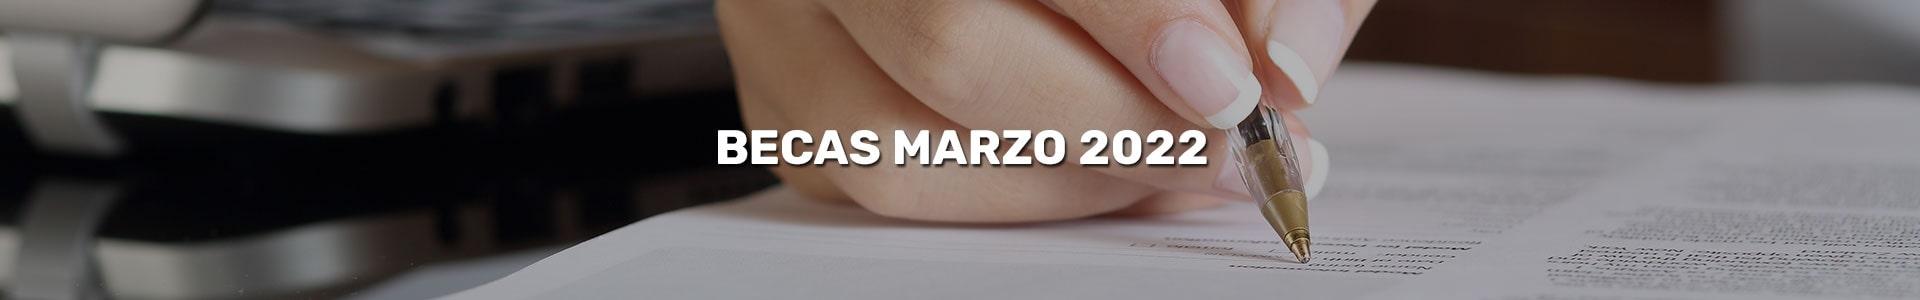 Becas para estudiar carreras cortas en Uruguay